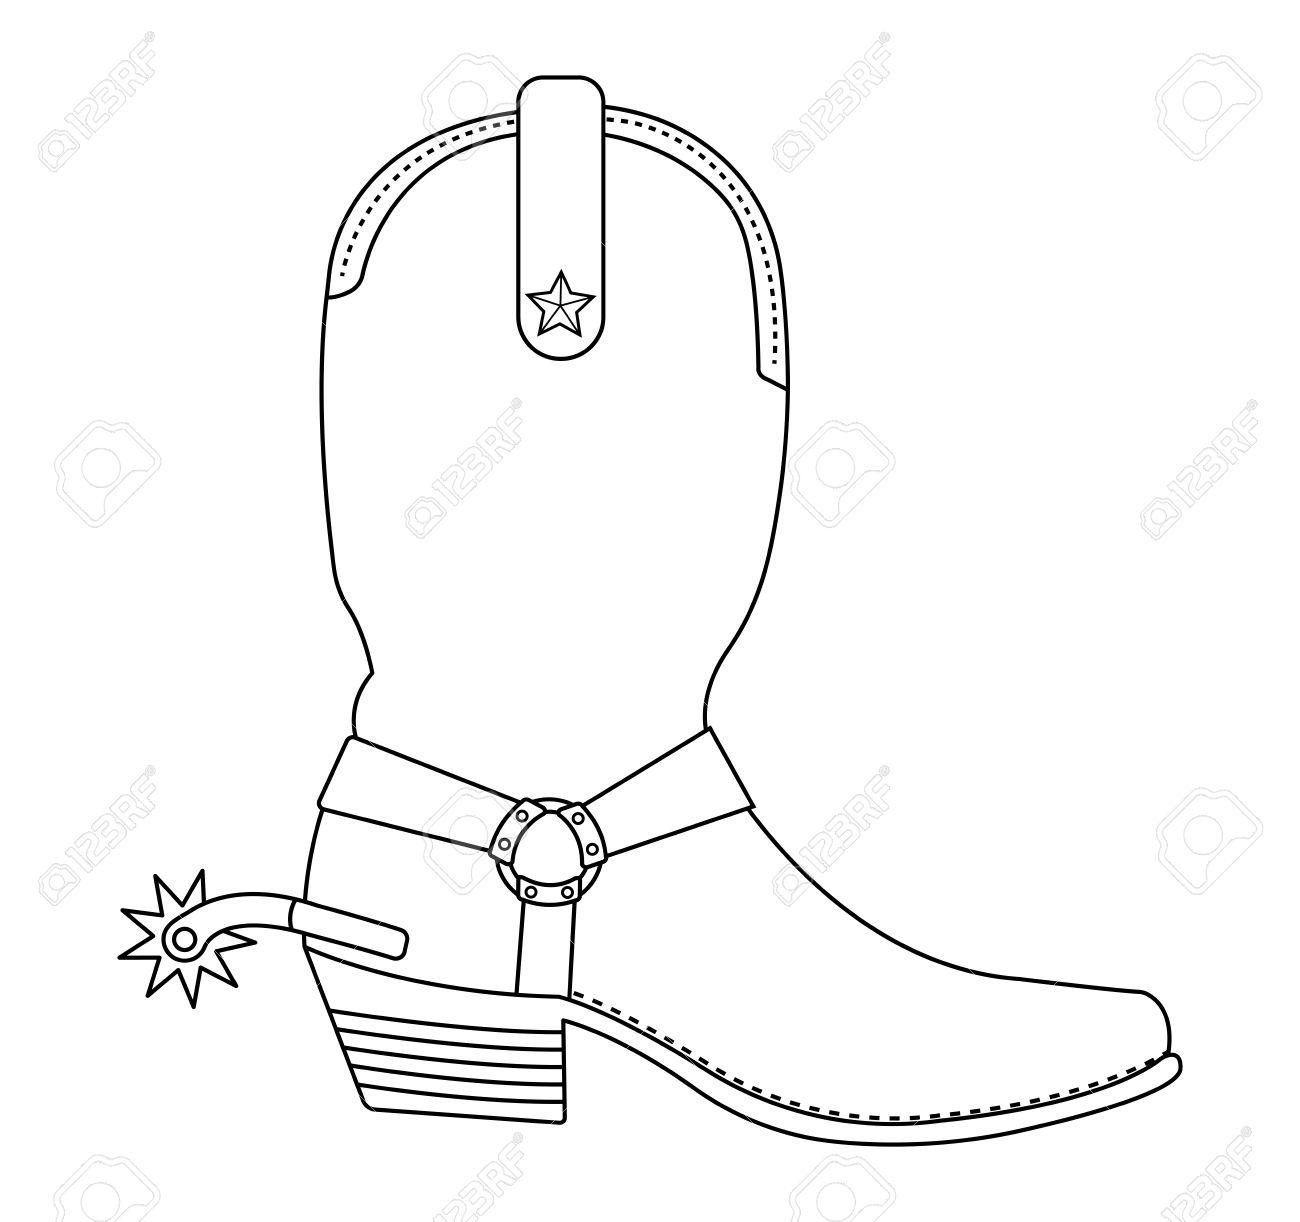 34 Cowboy Boot Outline Clip Art